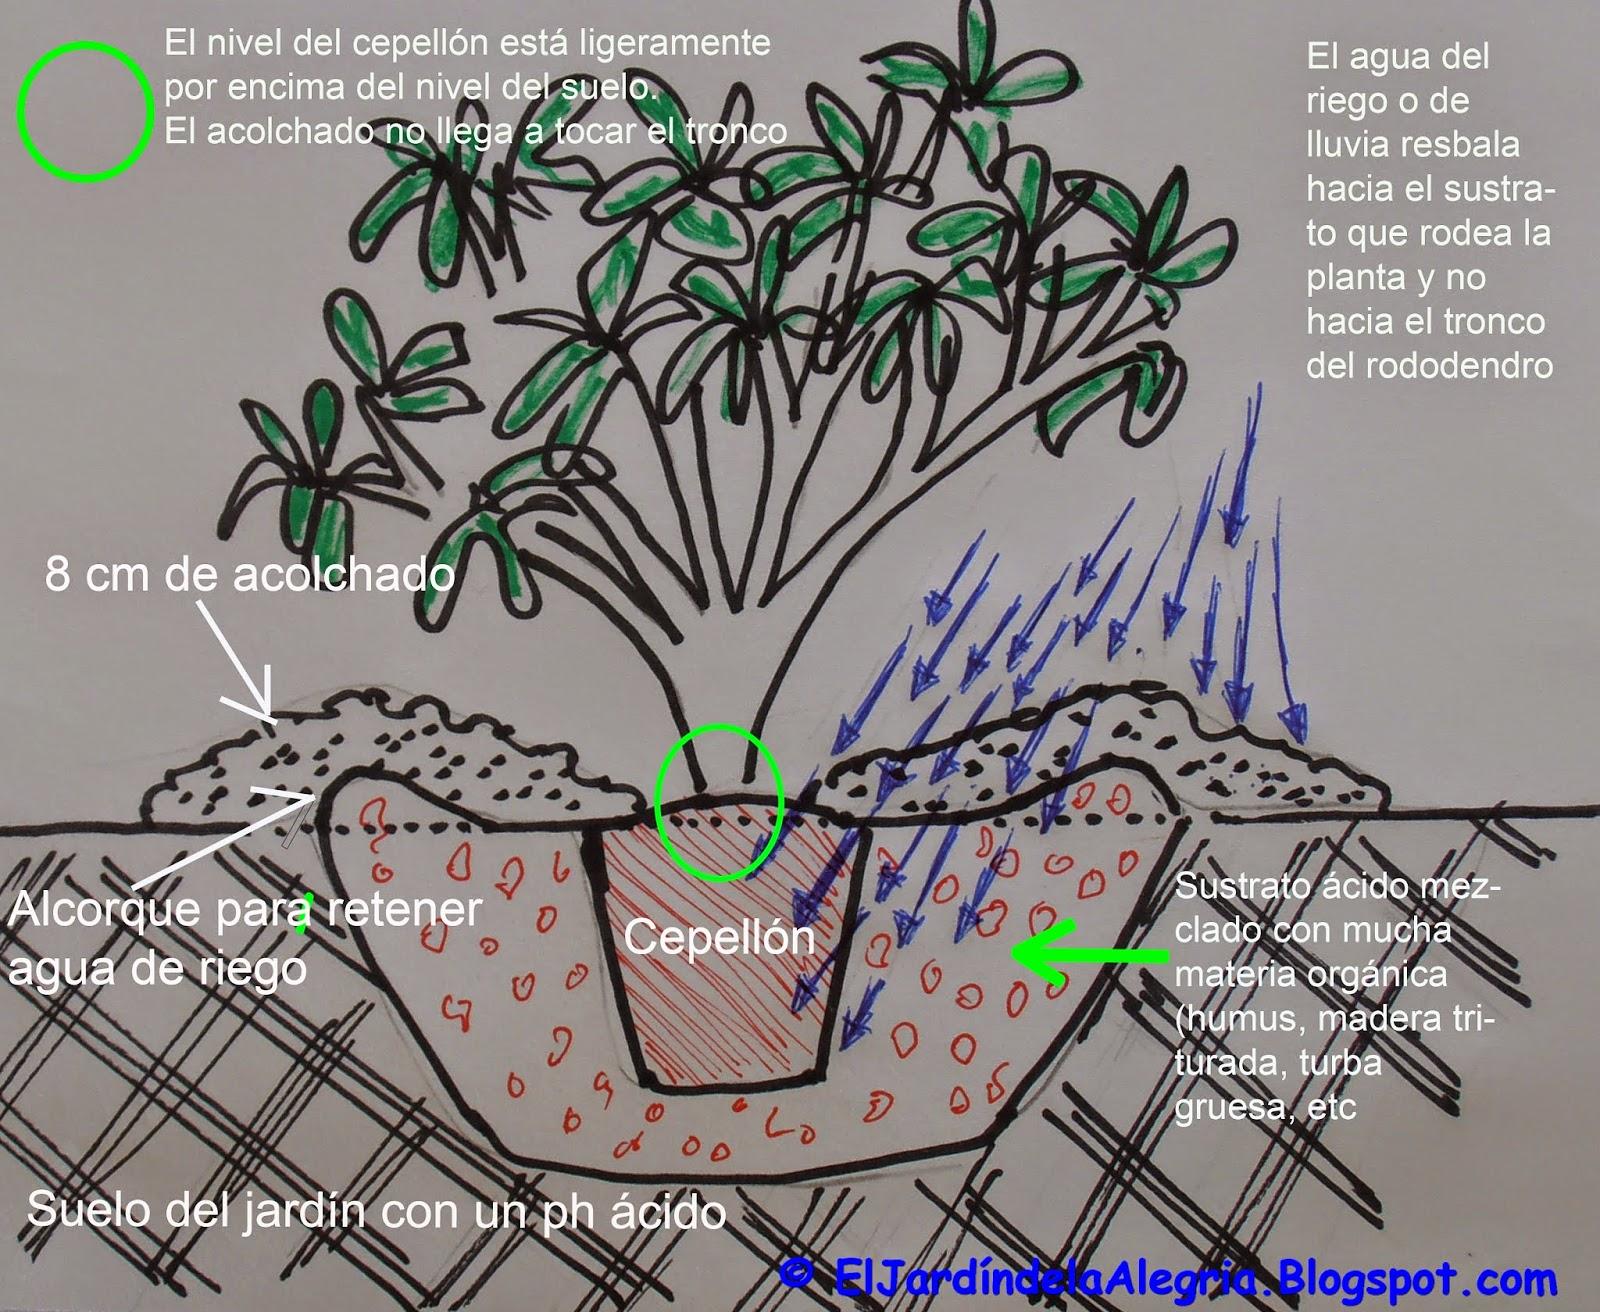 hasta aqu sera el proceso para plantar un rododendro en un jardn con un suelo no arcilloso ni con problemas de compactacin sin problemas de drenaje